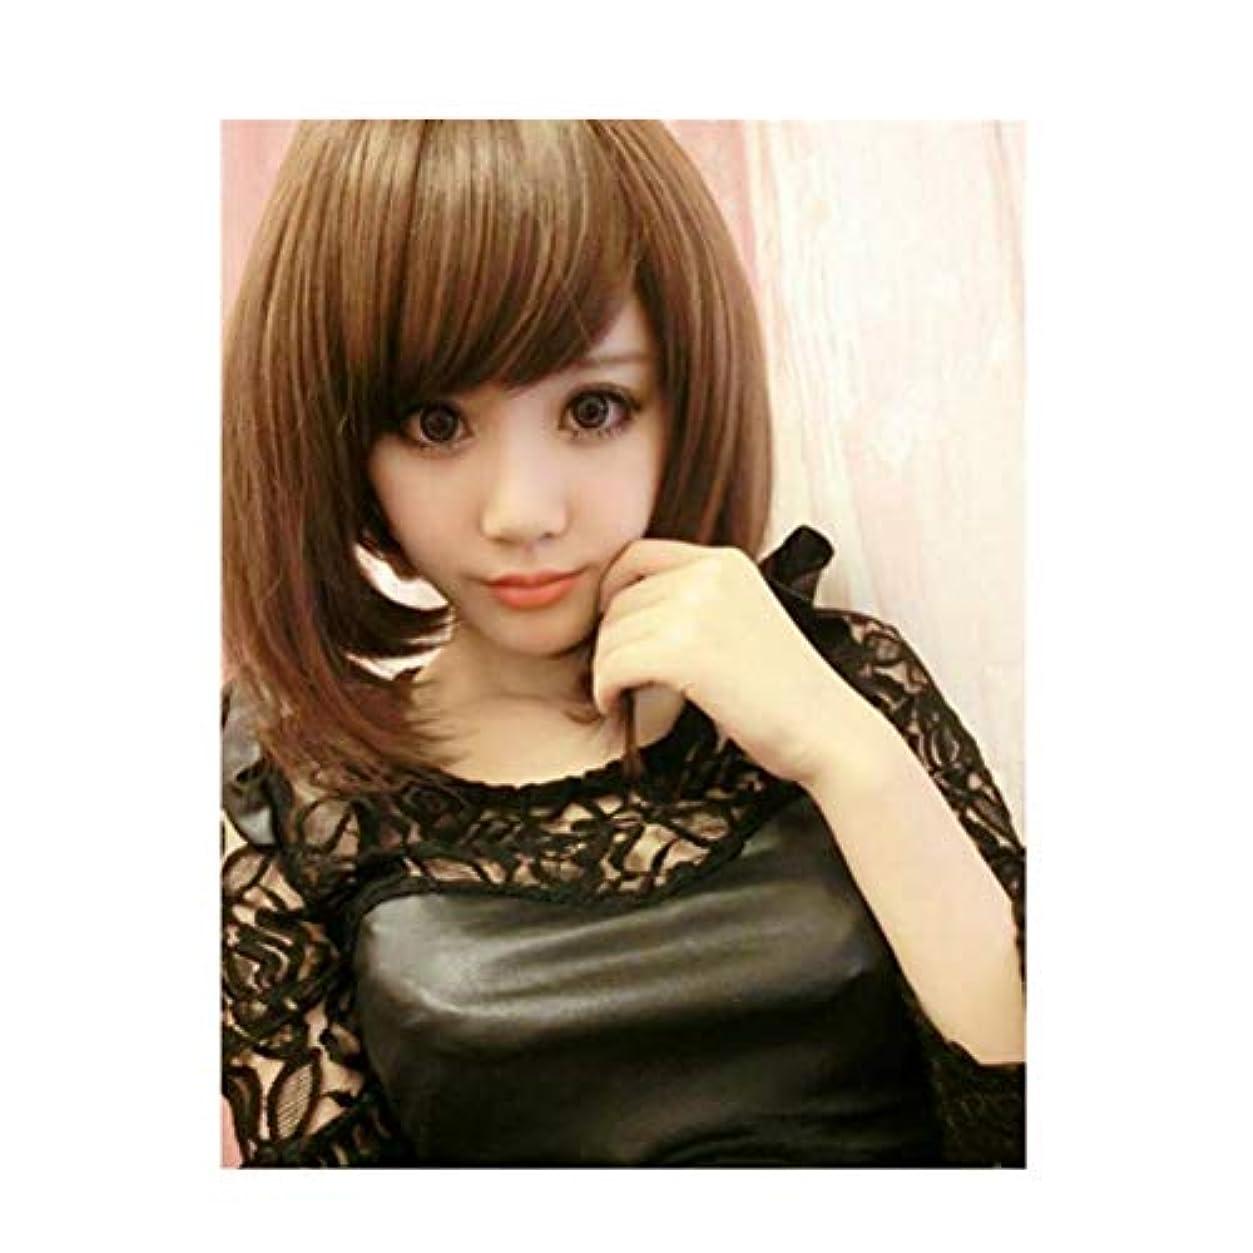 料理をする将来のではごきげんようかつら女性の茶色の斜め前髪化学繊維ショートヘア高温ワイヤーLH2201 (ライトブラウン)